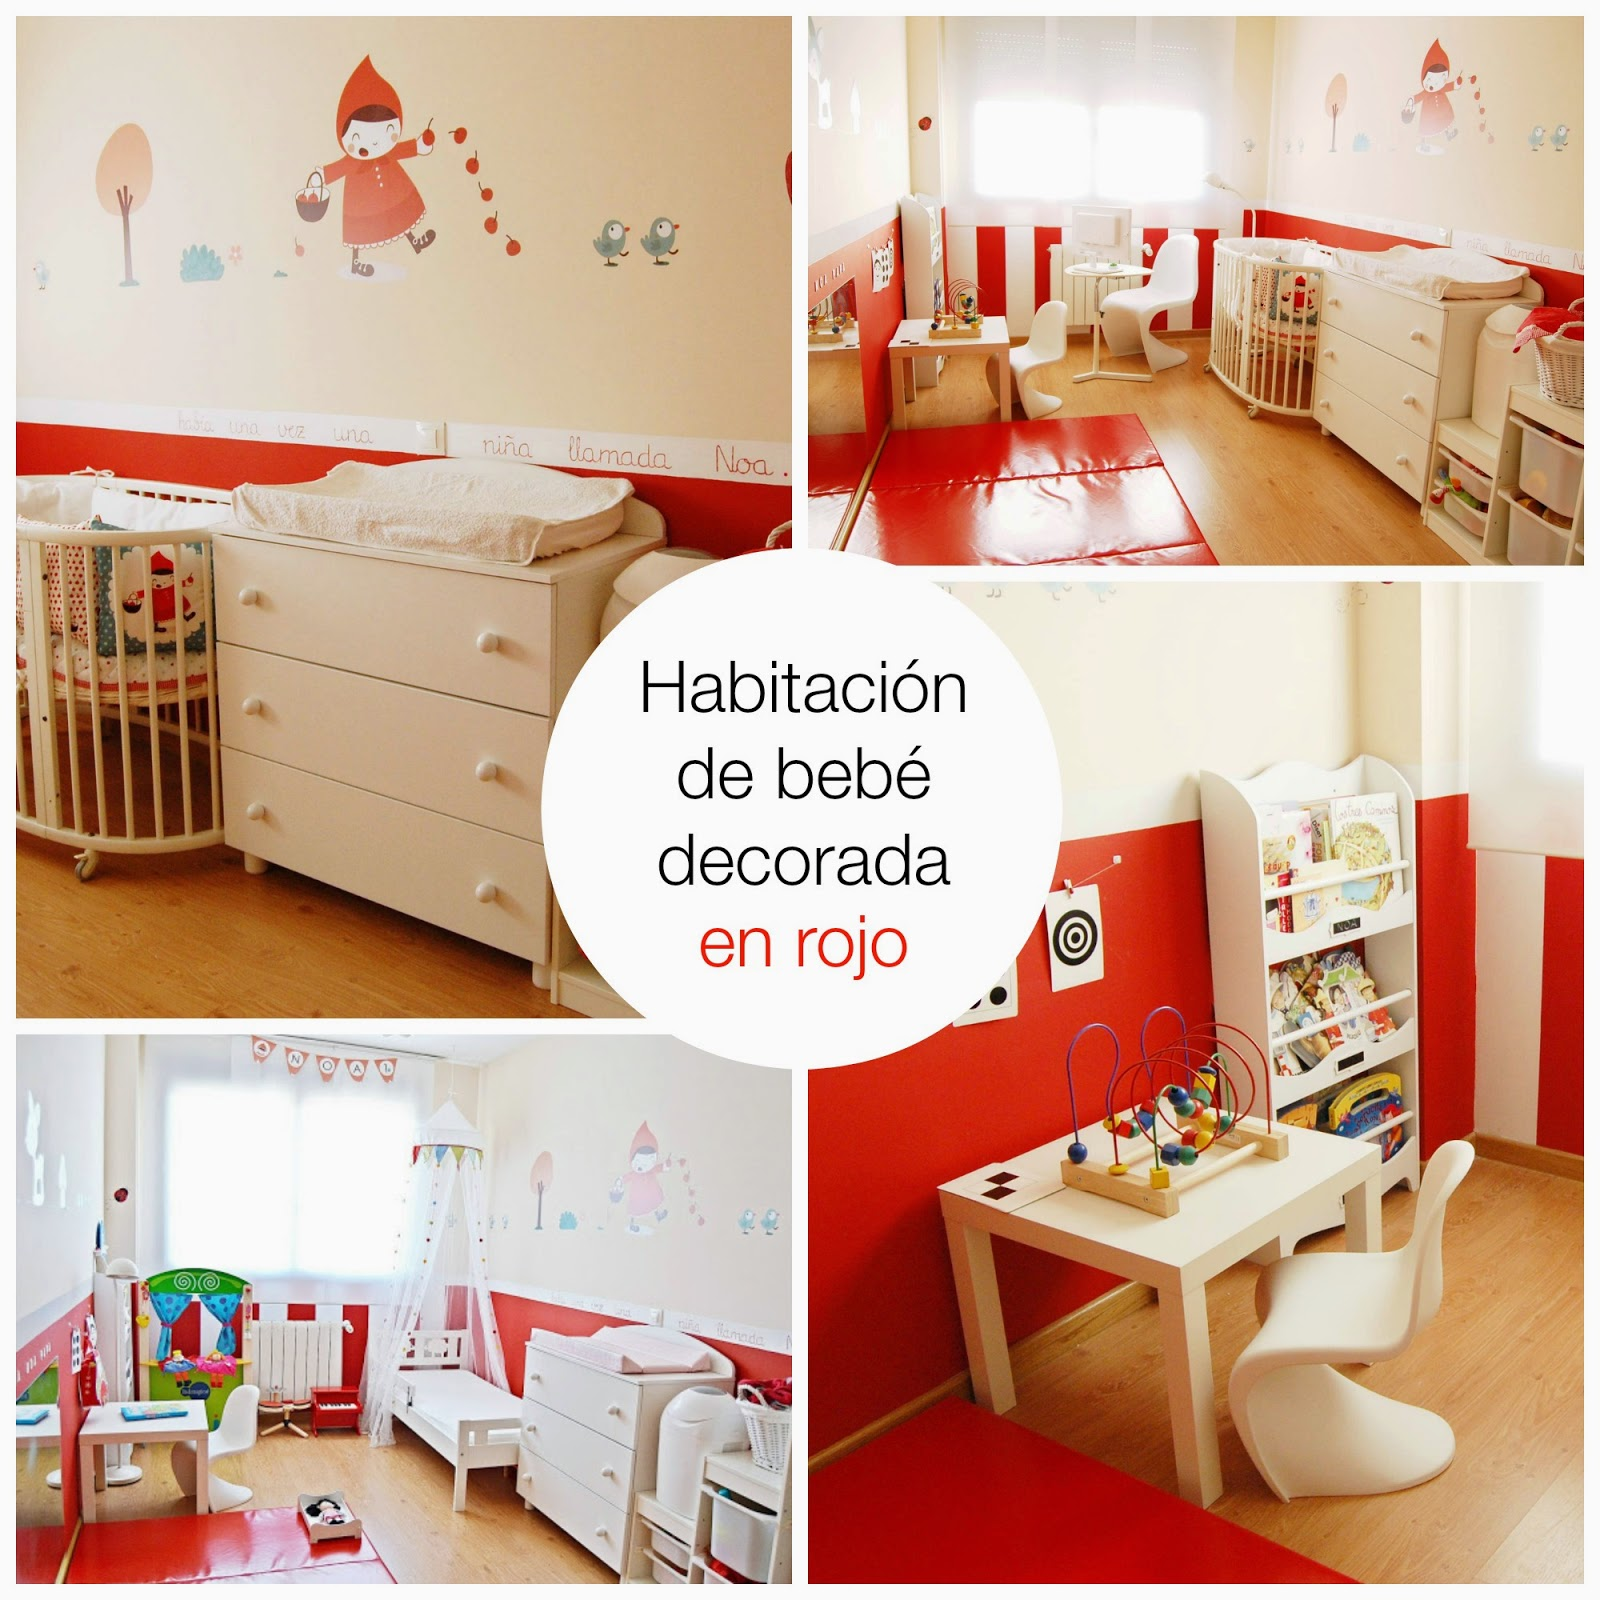 habitacion de bebe decorada en rojo blog niños mama de noa decoracion infantil